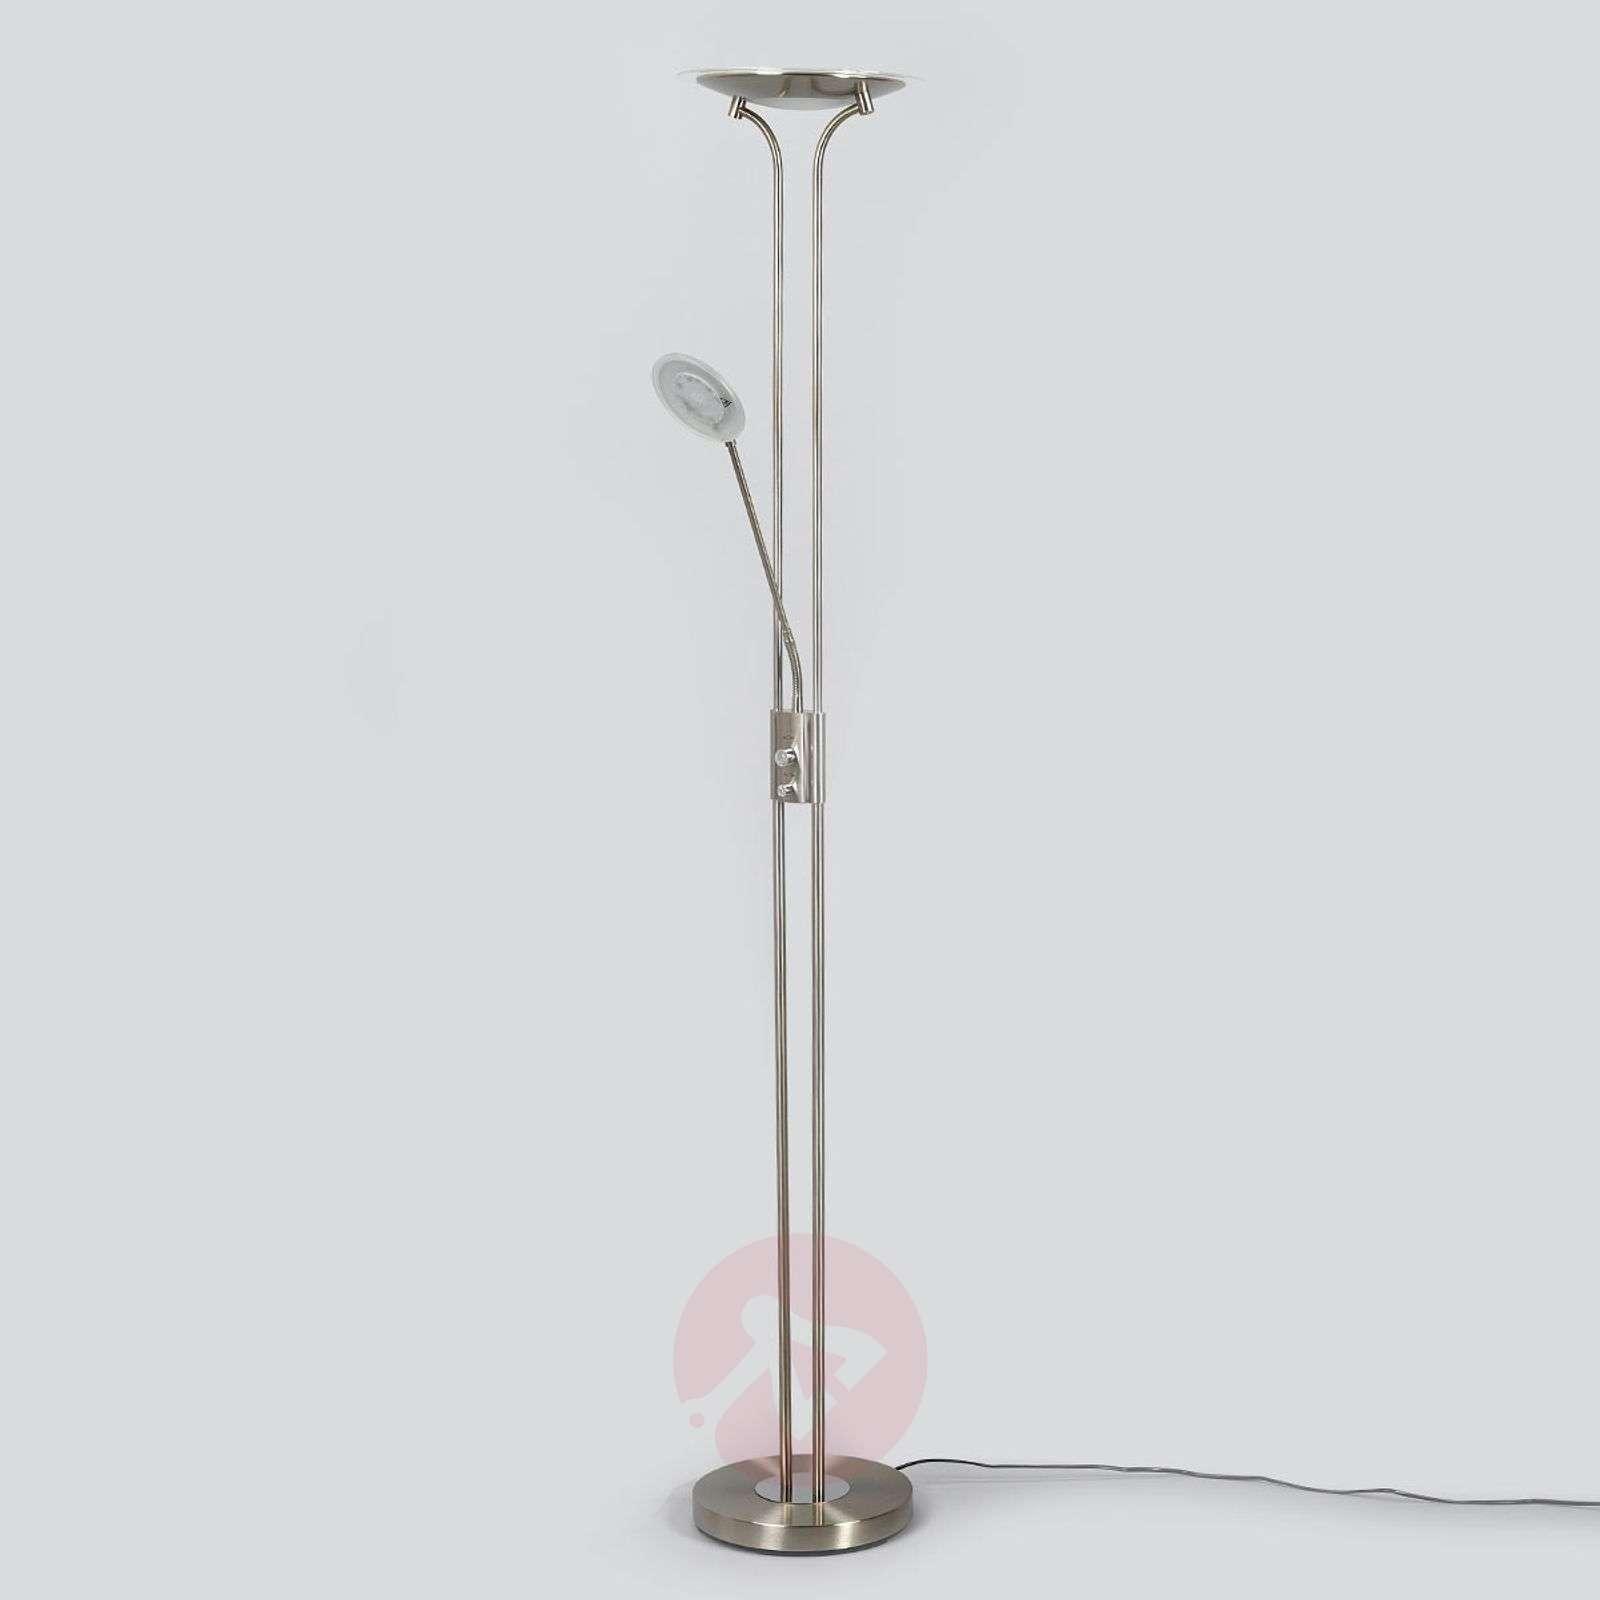 Nikkelisävy ylöspäin suunnattu LED-valaisin Aras-9945223-06